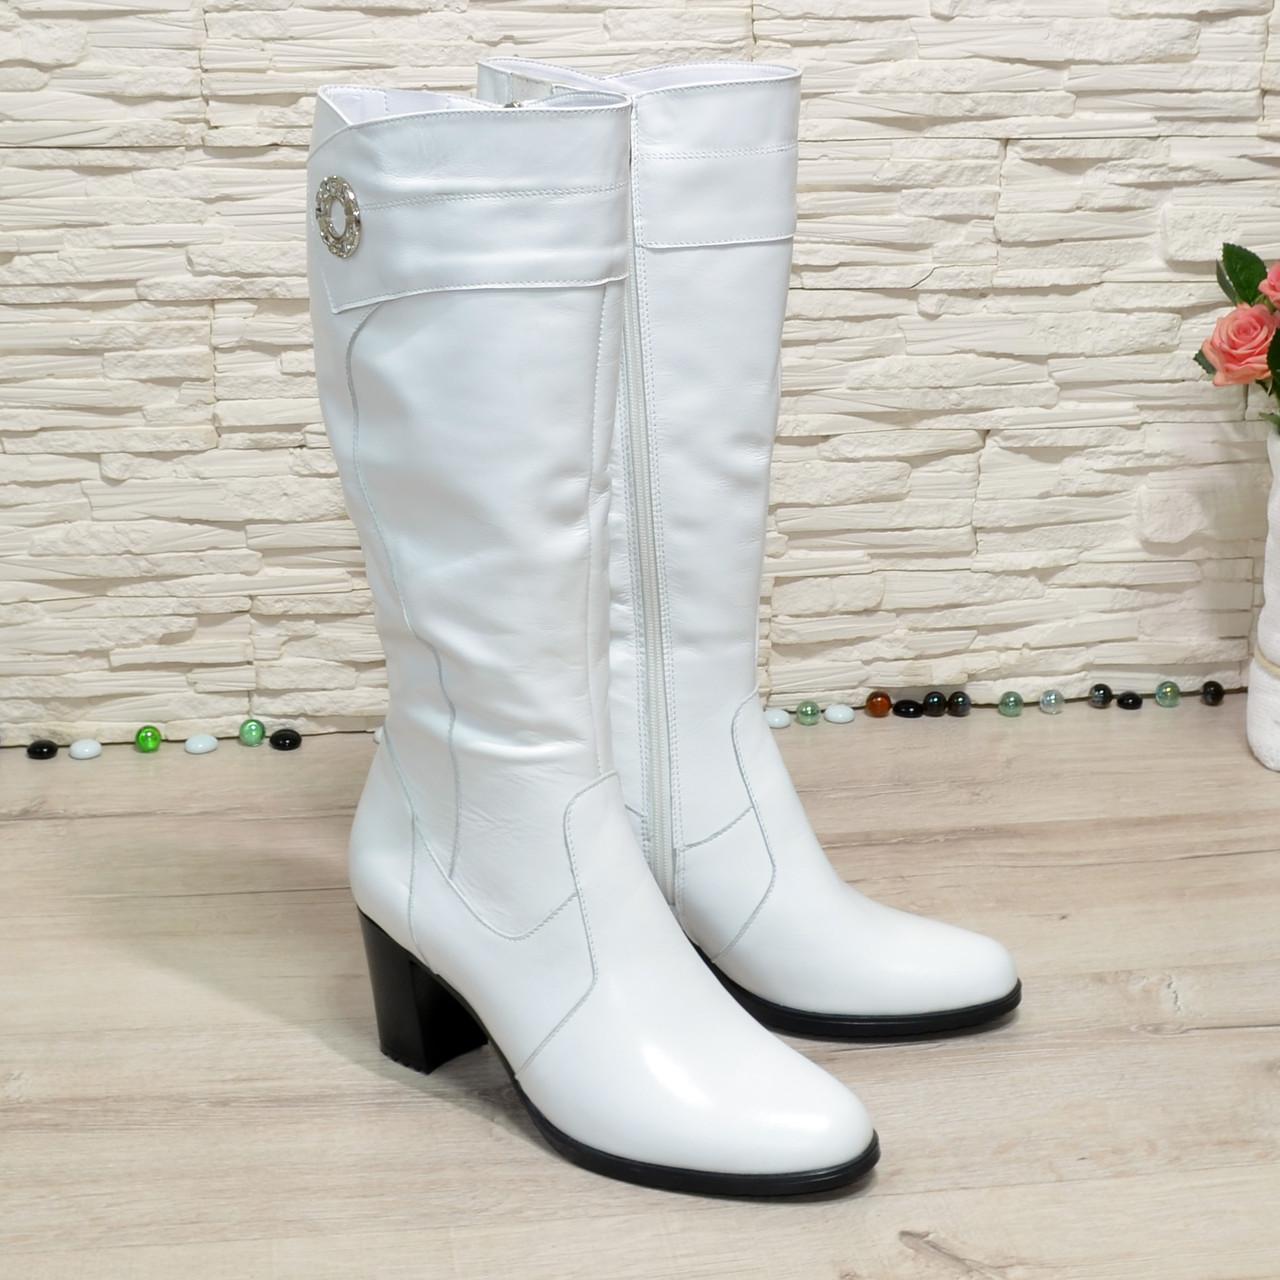 Сапоги женские белые кожаные на невысоком устойчивом каблуке. Батал